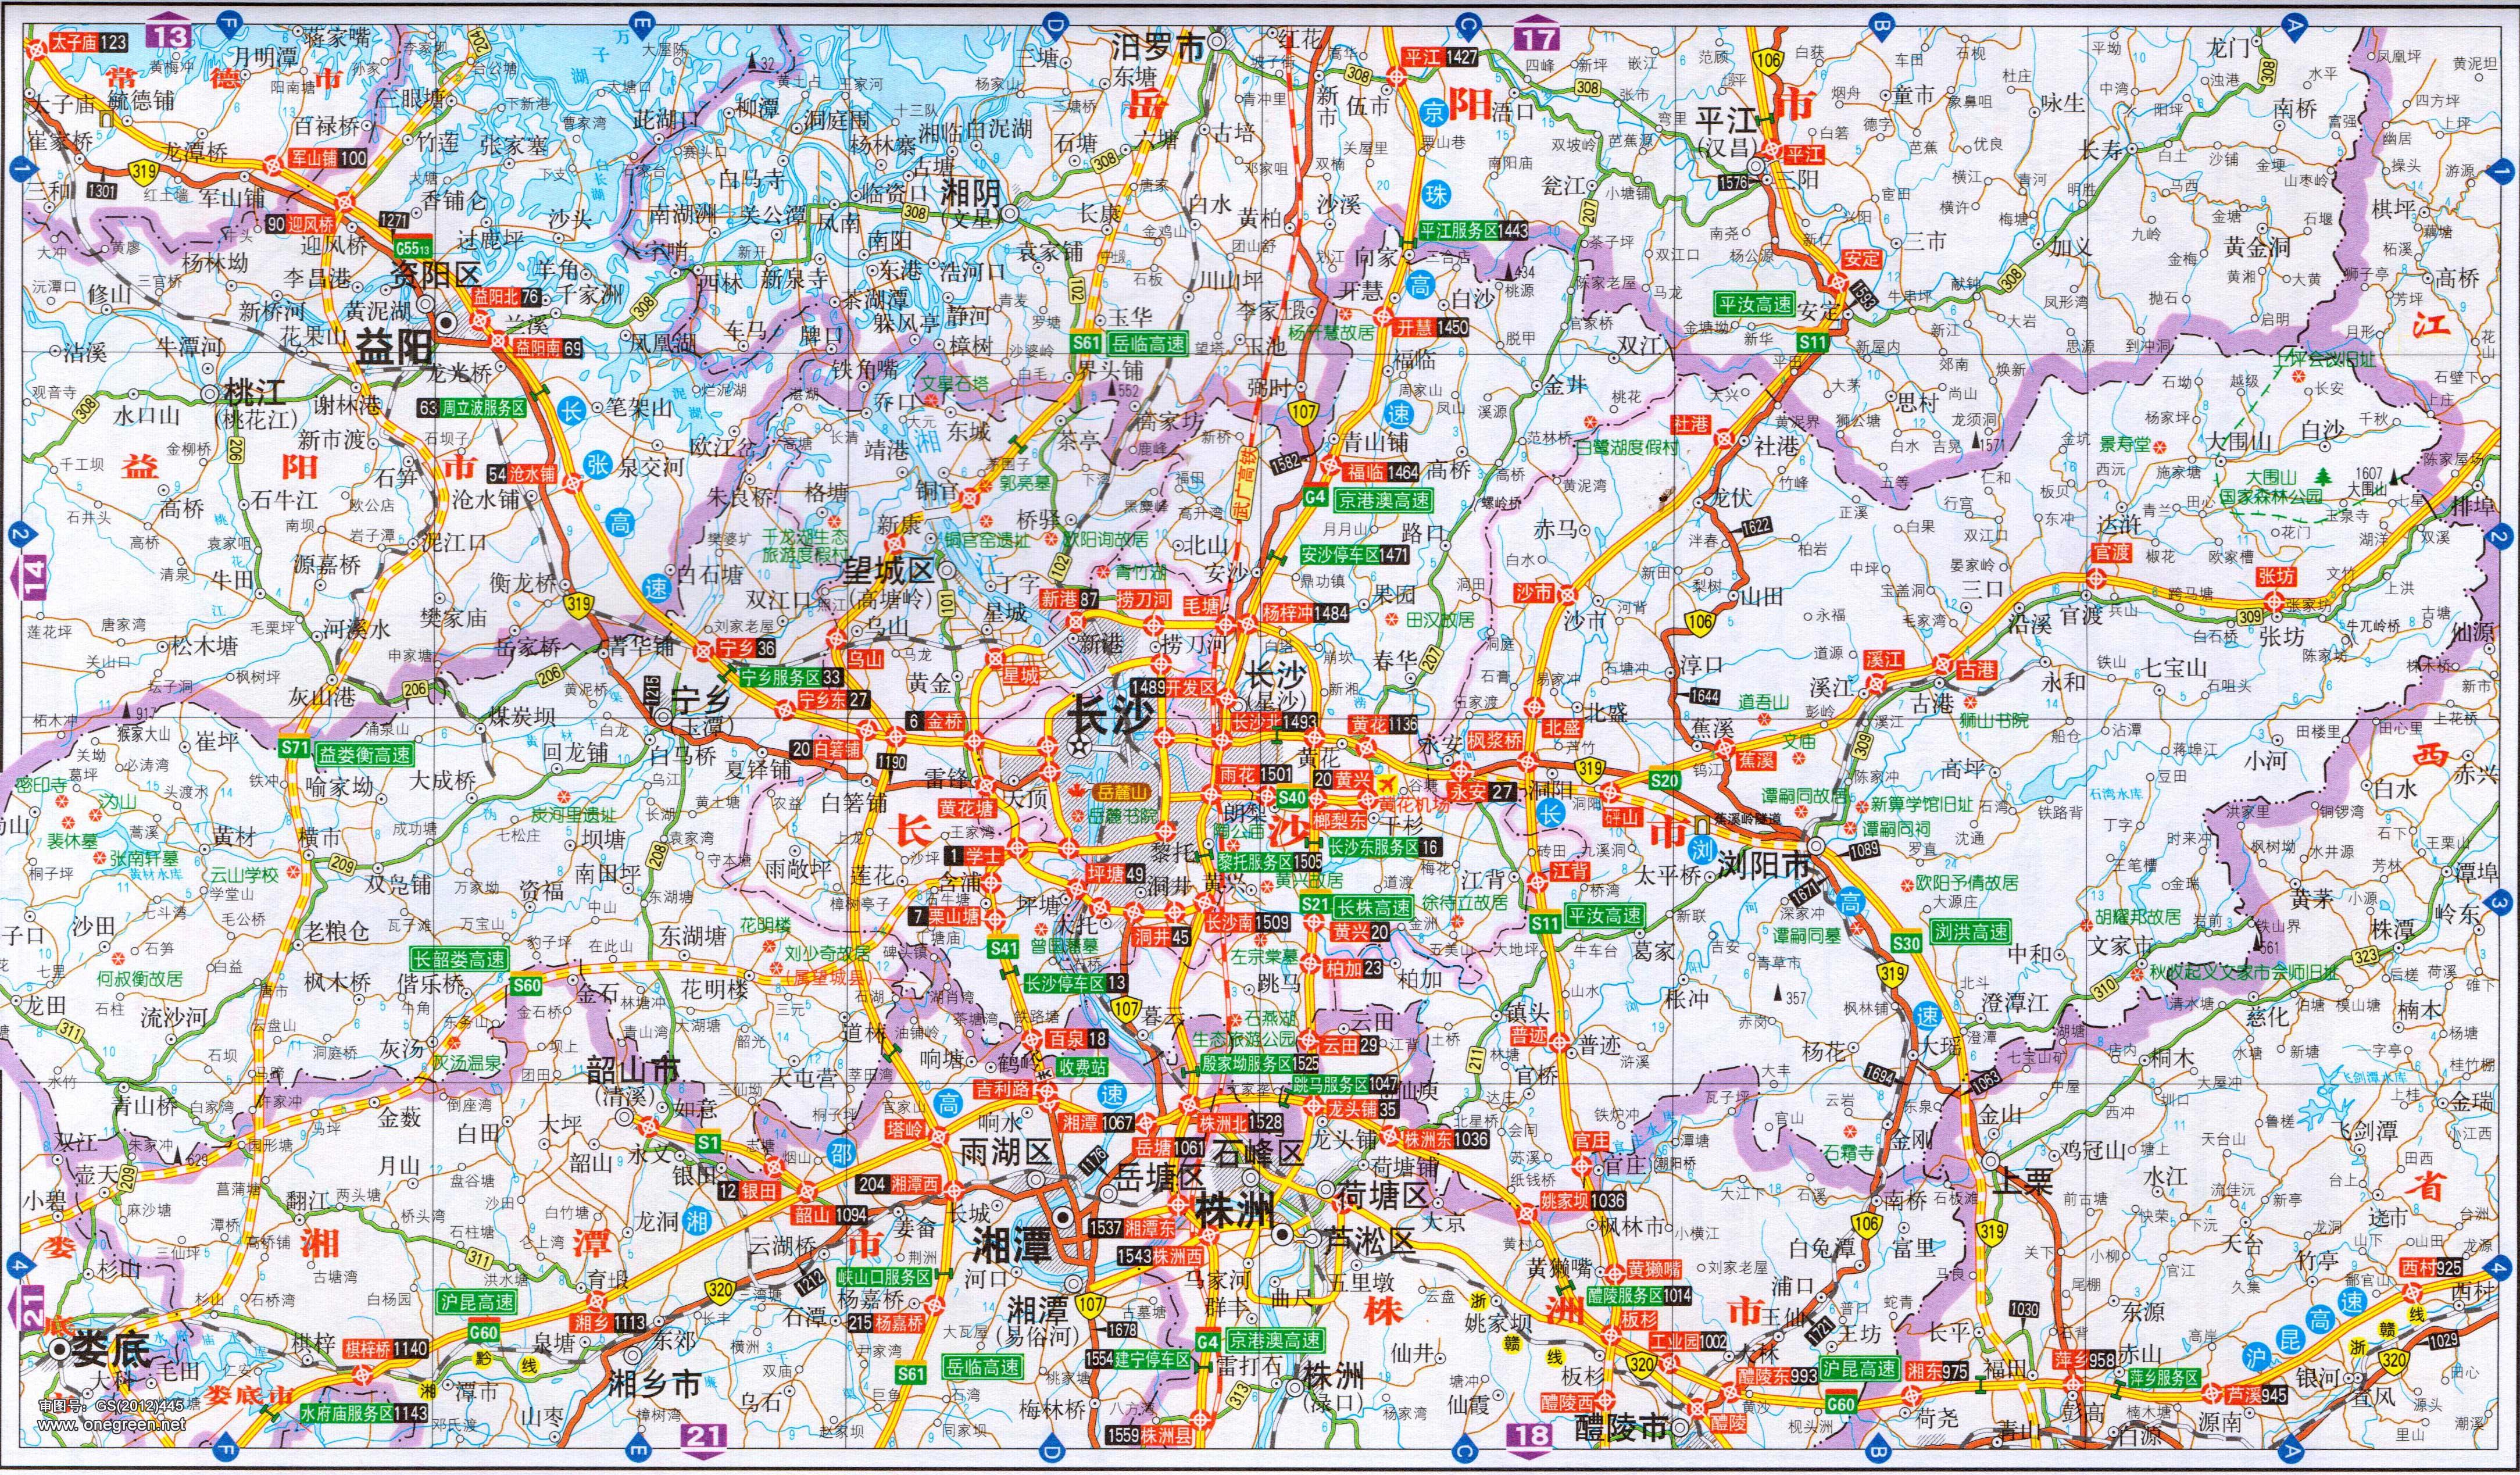 南宁市地图全图_长沙地图_长沙市区地图全图高清版_地图窝